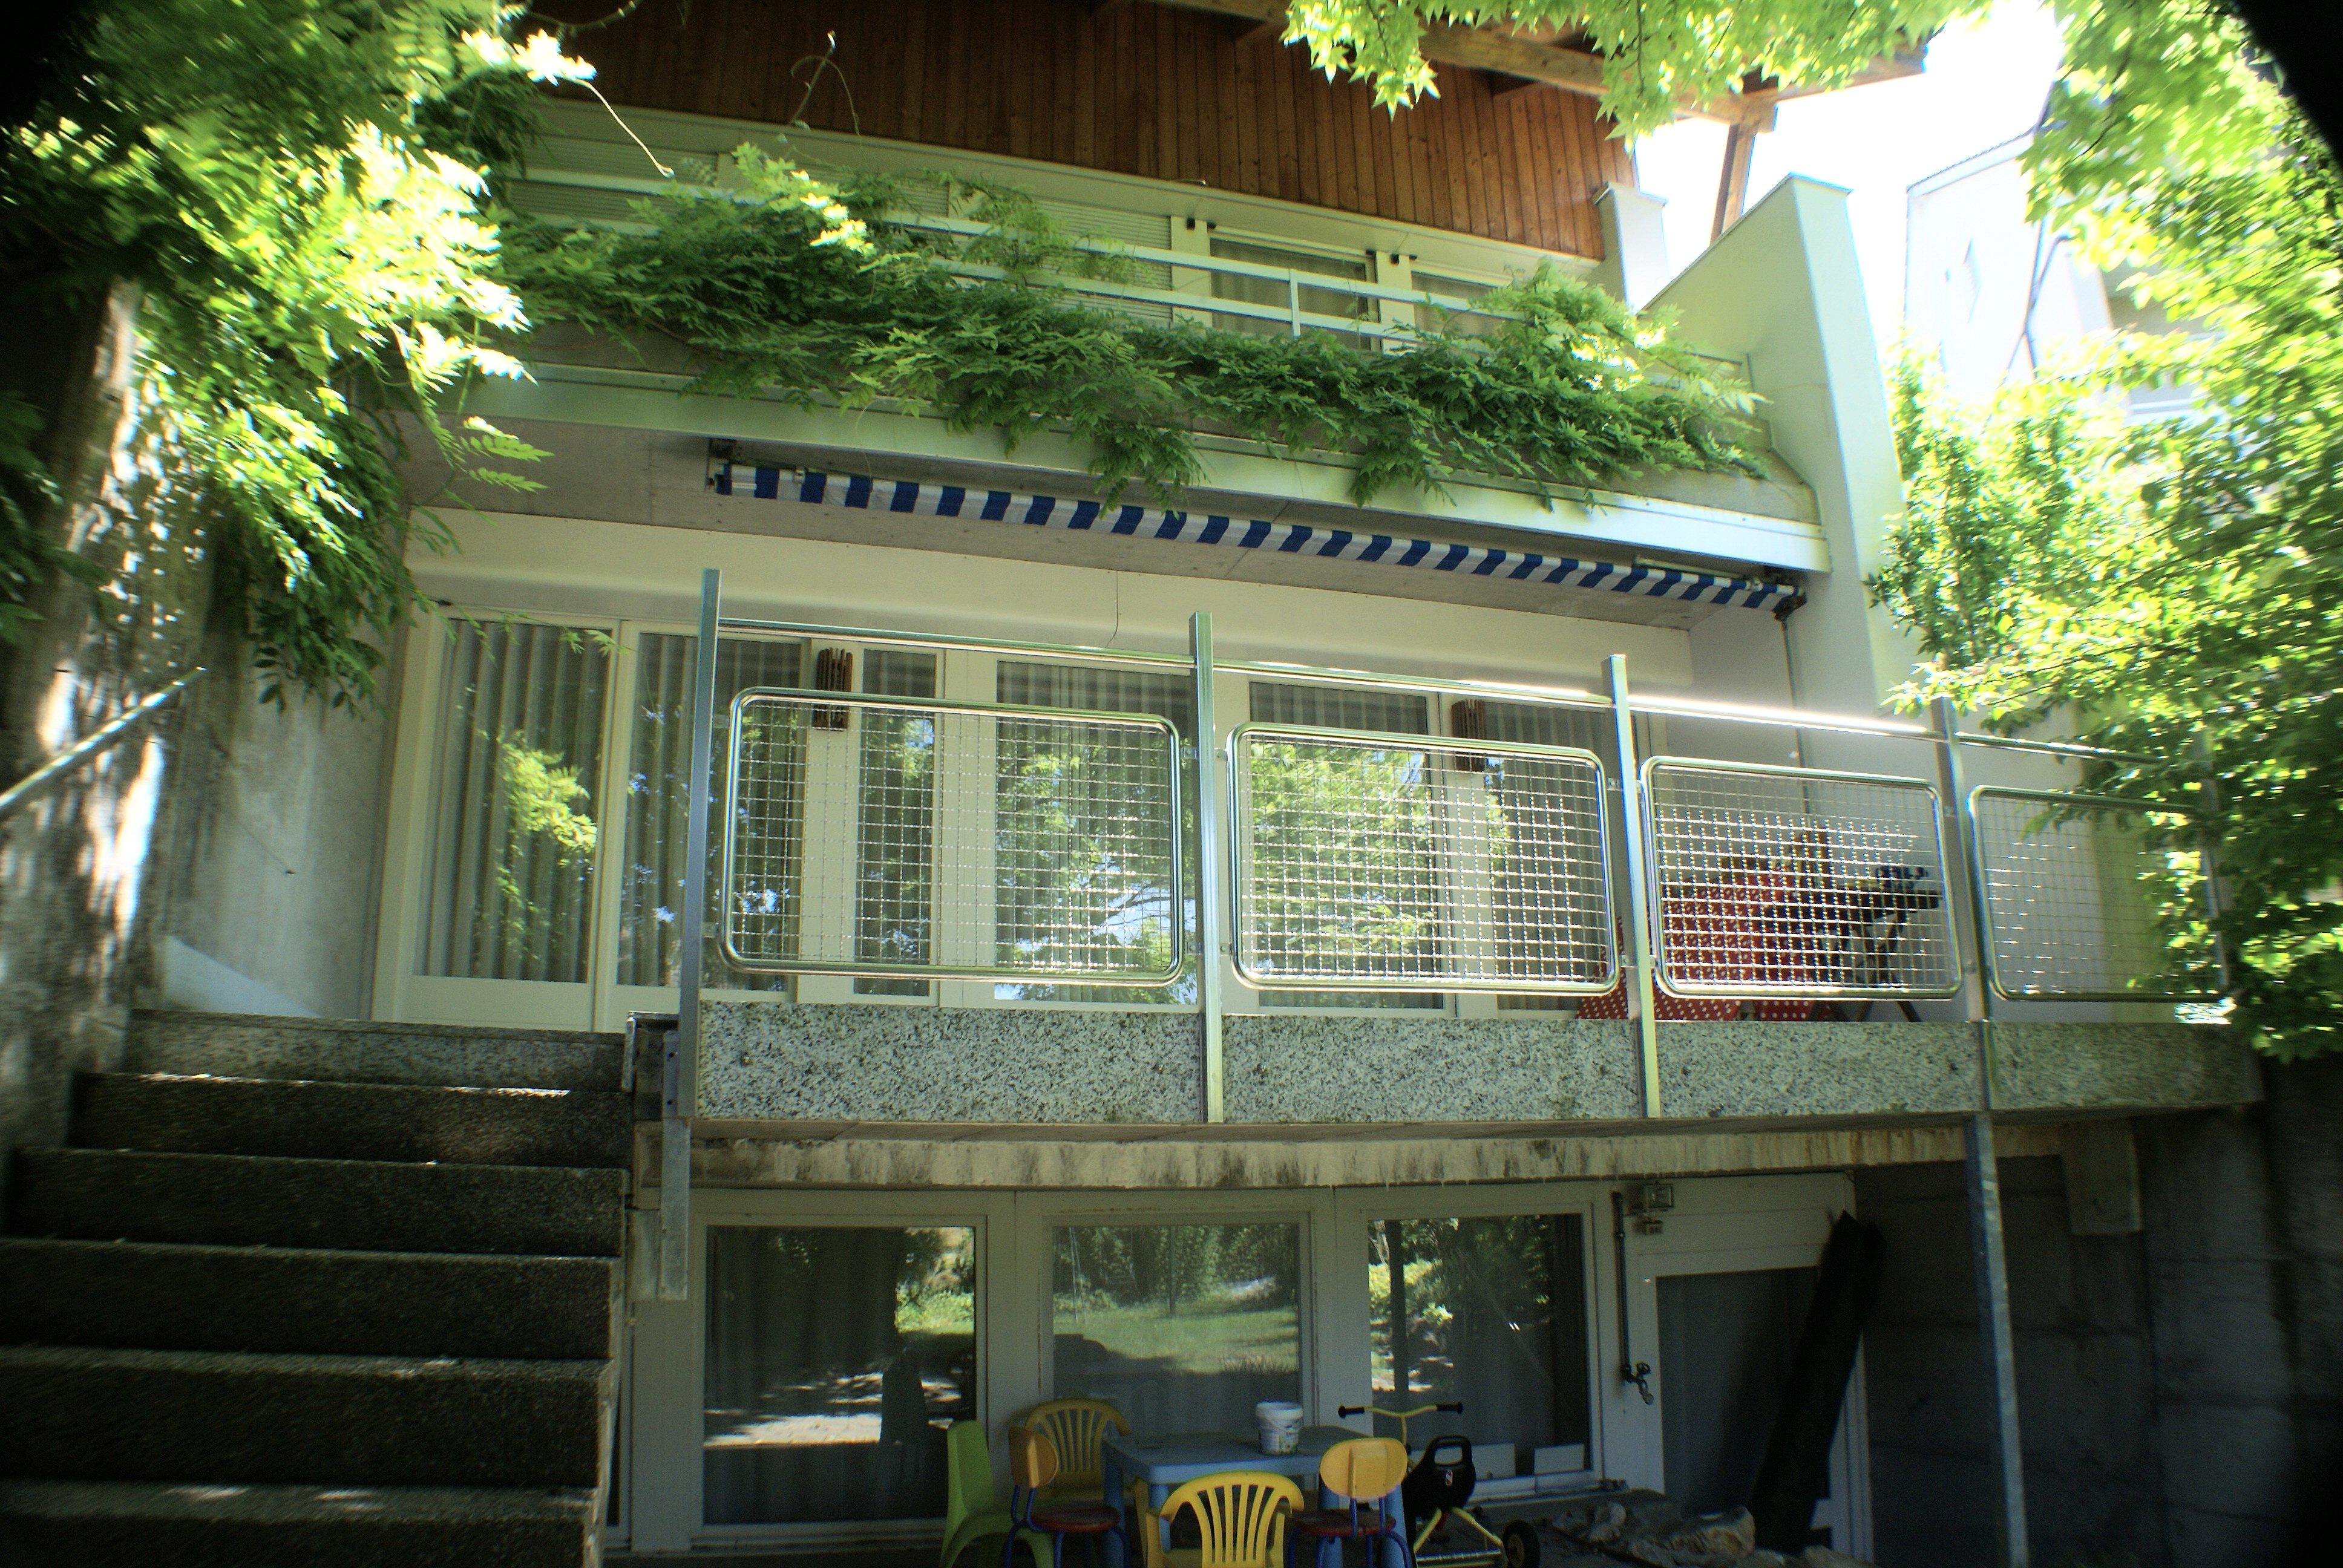 5,5-Zimmer-Maisonette in Bottmingen / BL (verkauft)